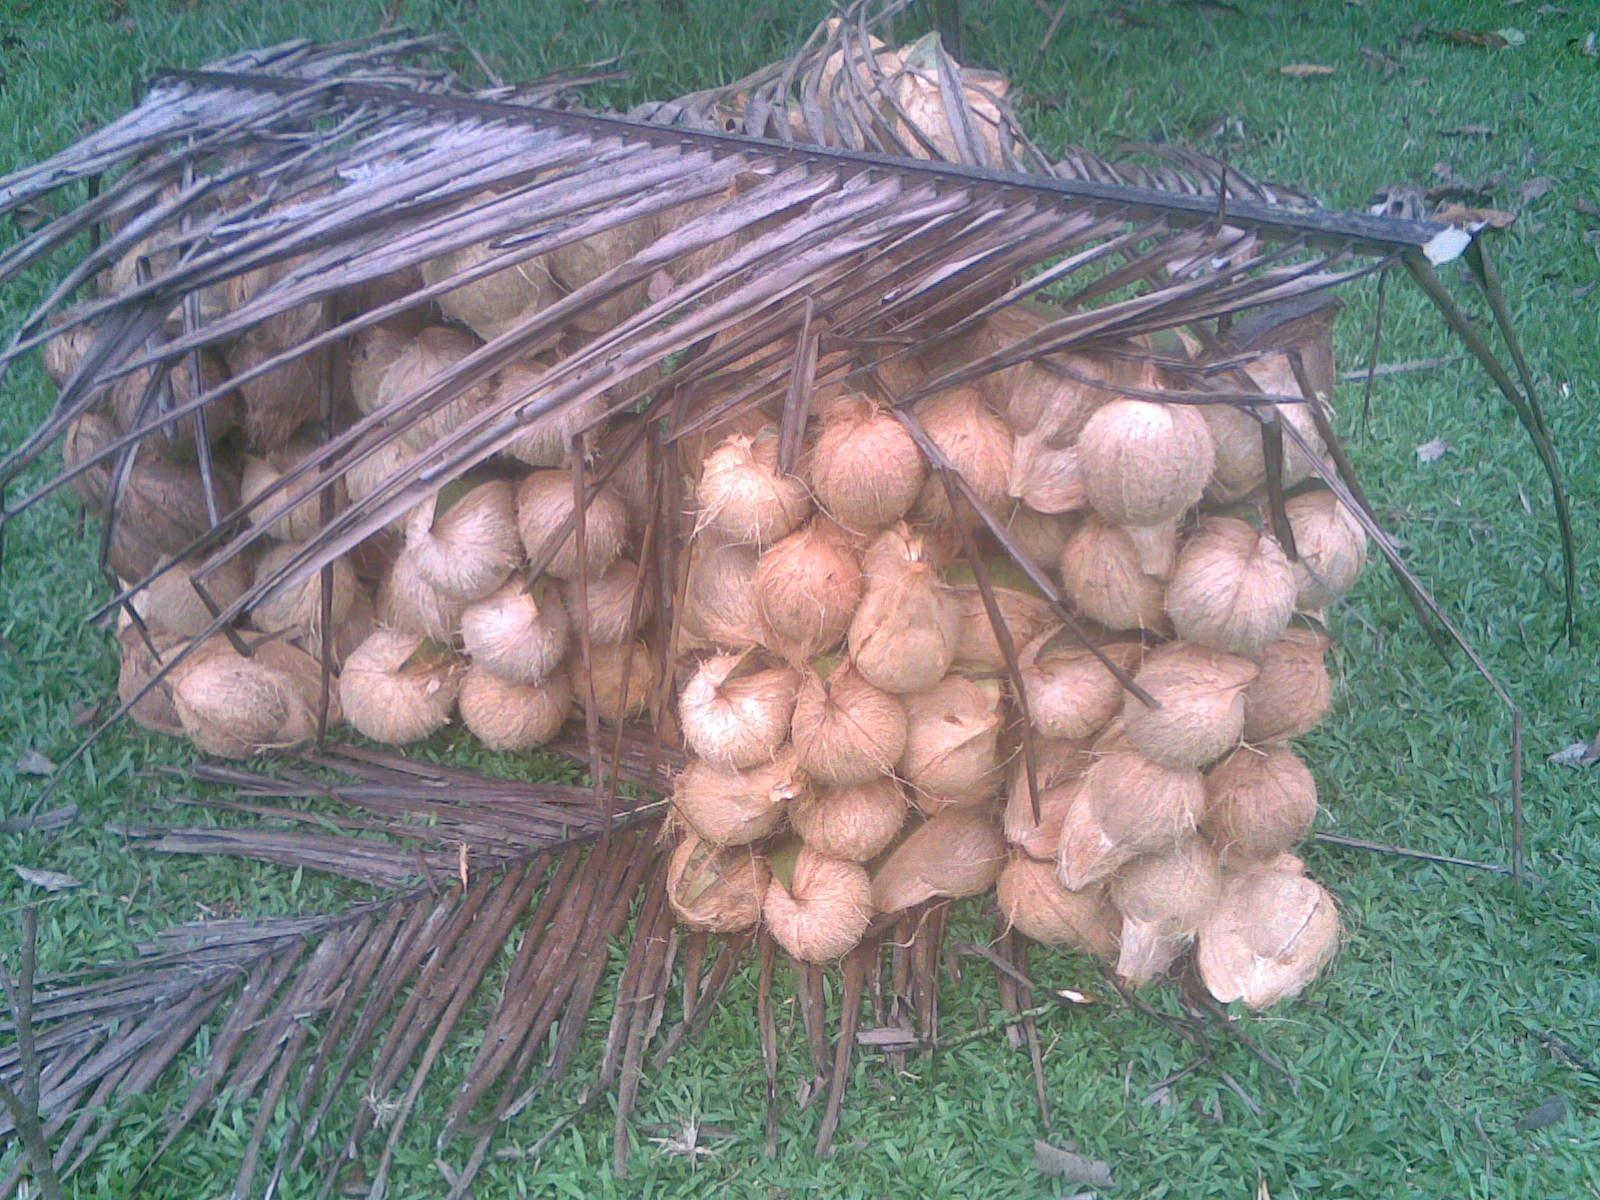 File:Buah kelapa - panoramio.jpg